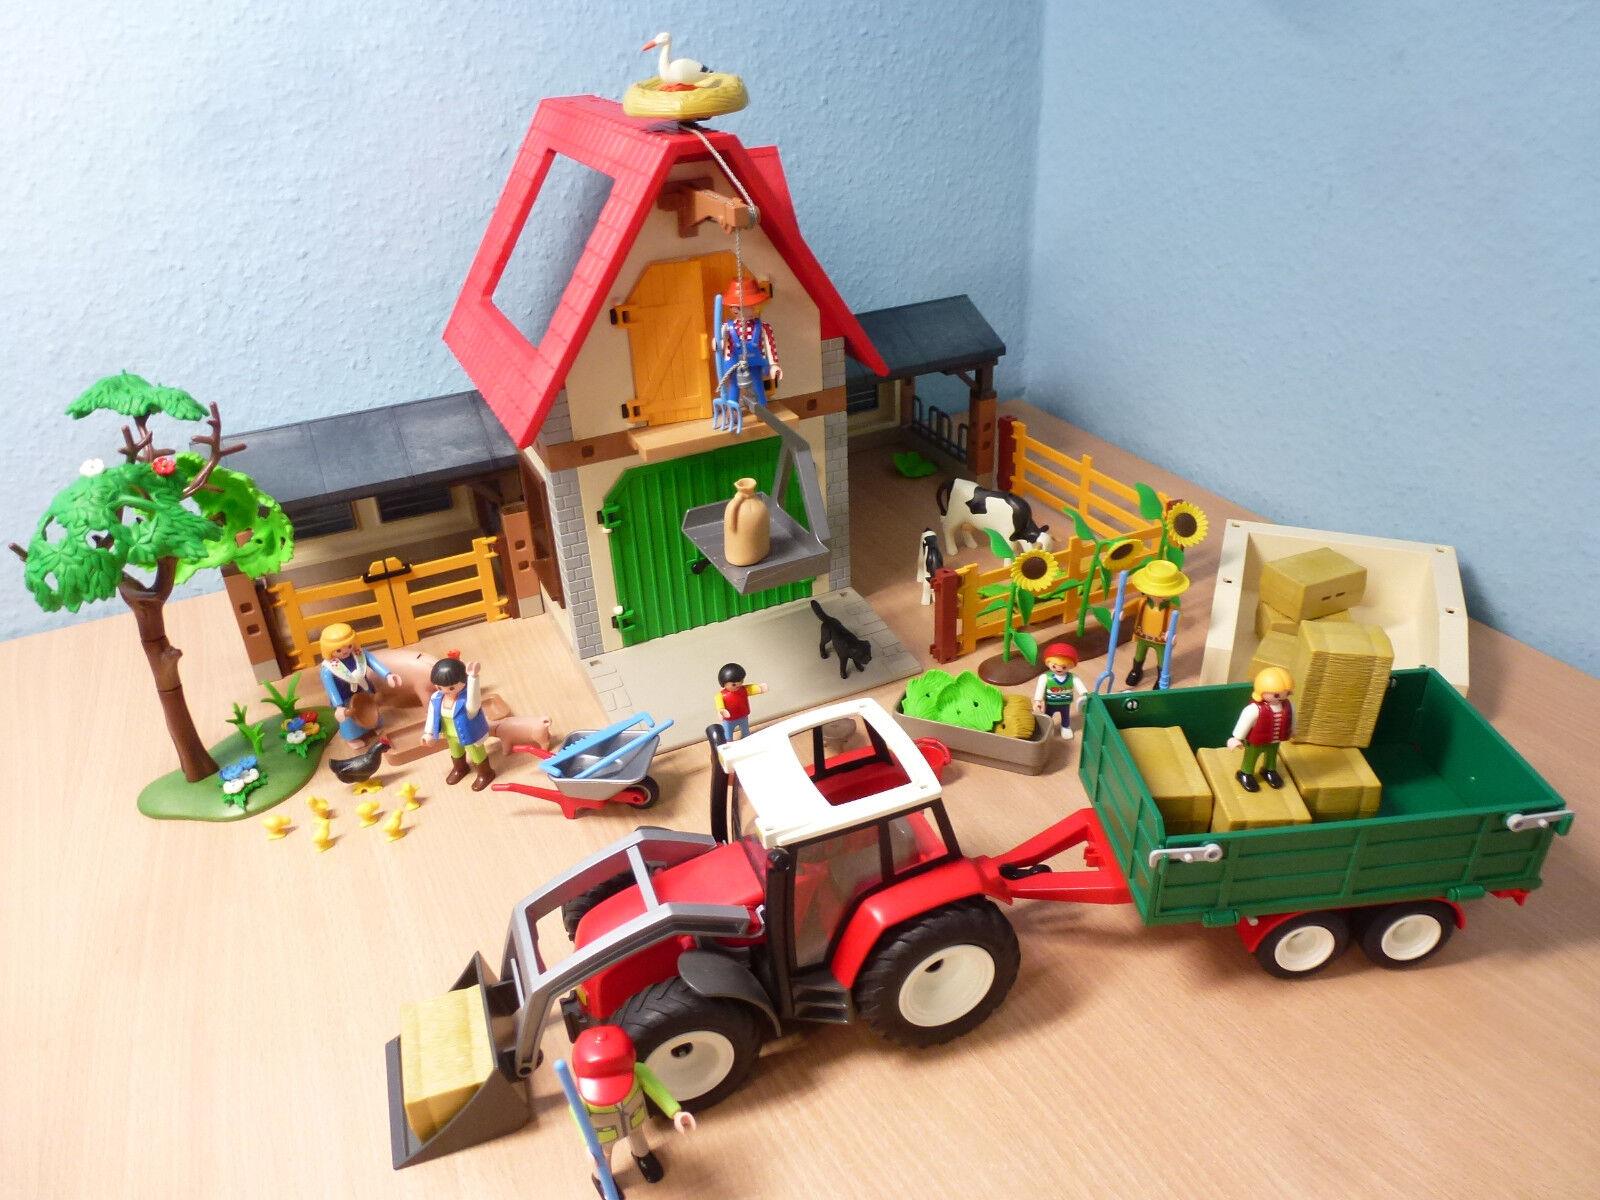 4490 Bauernhof Trecker Hänger Country Tiere Figuren zu 6120 Playmobil 683